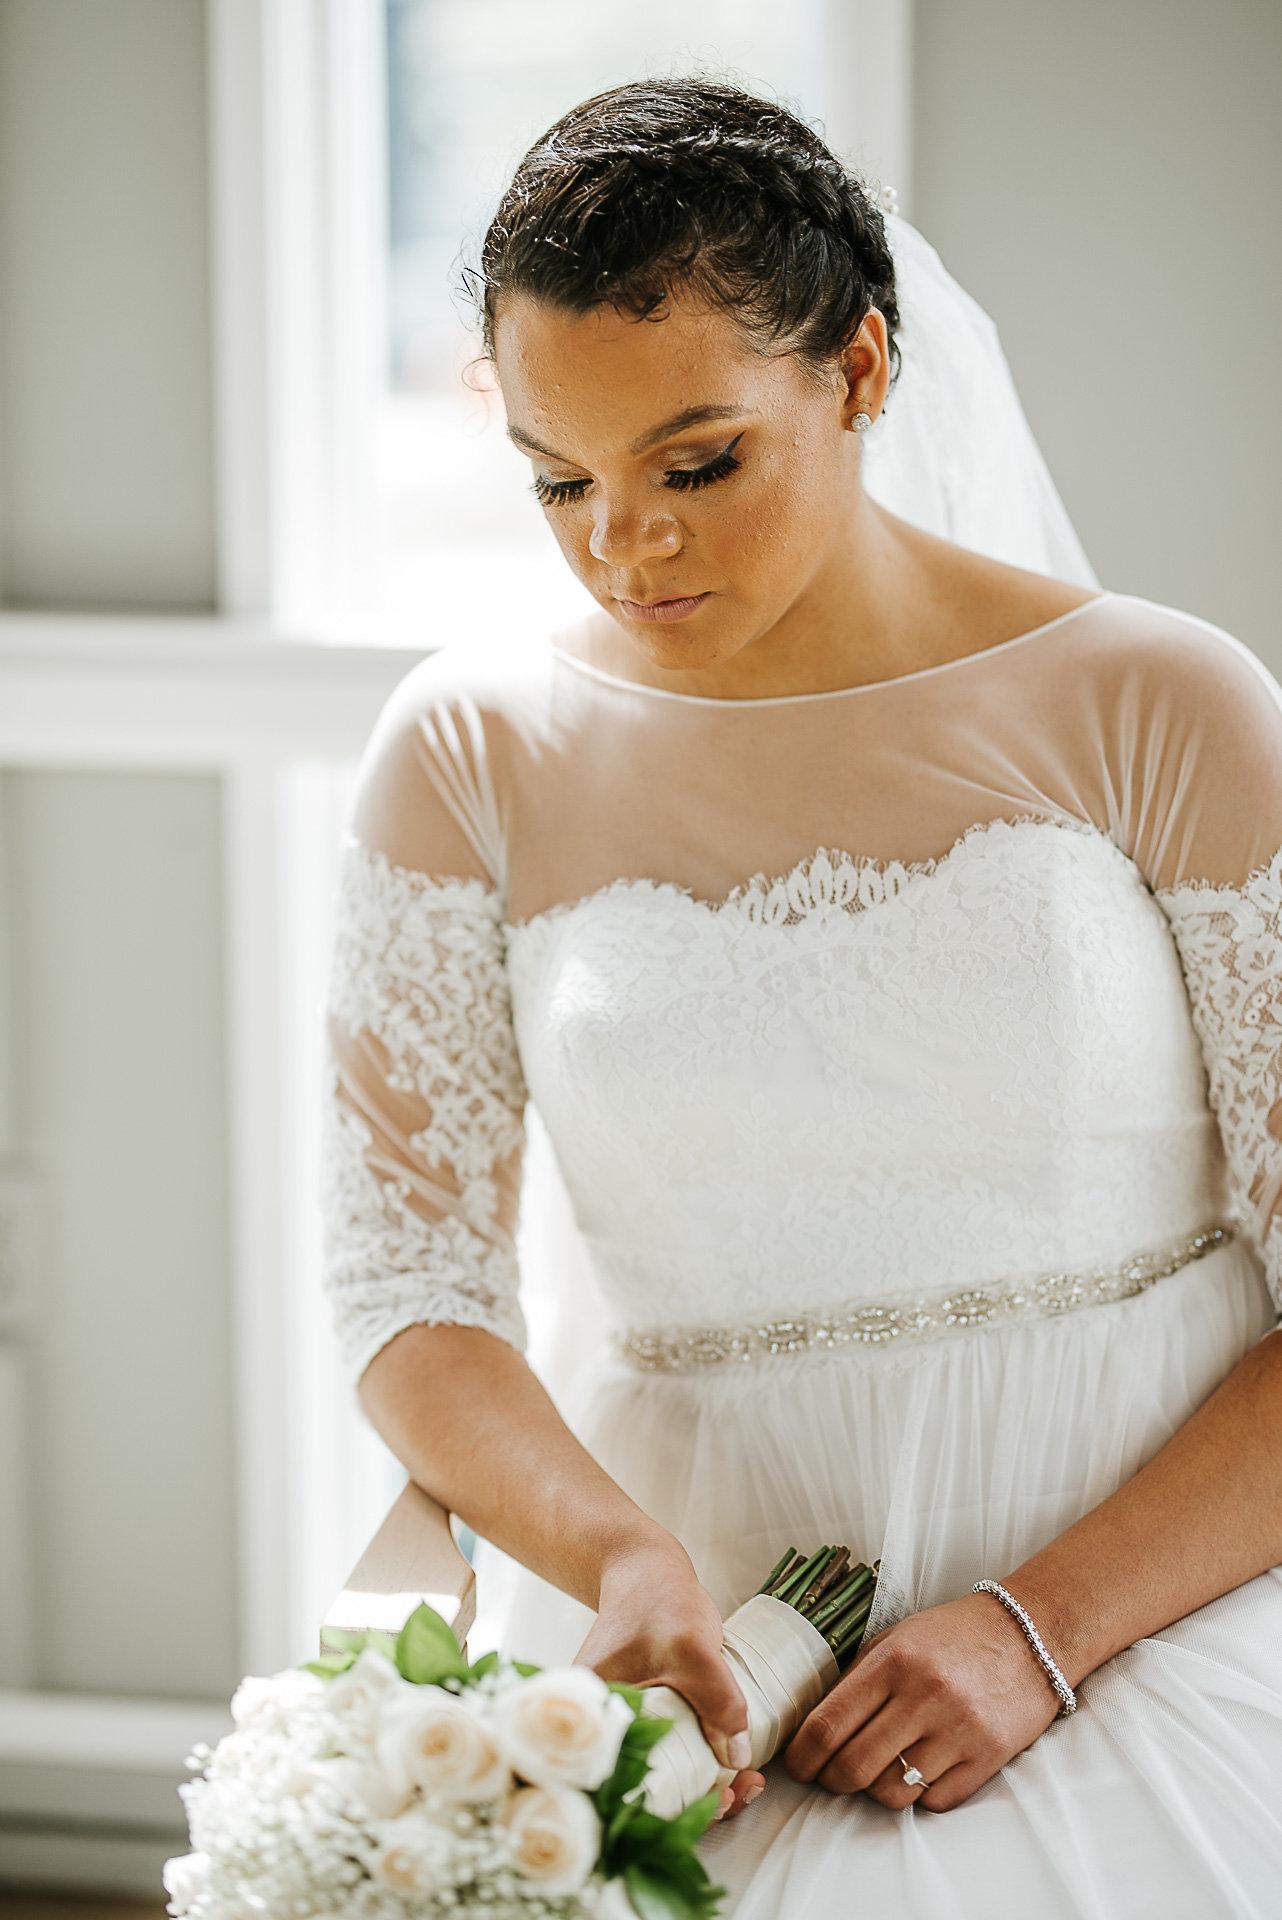 memphis-tennessee-wedding-makeup-artist (7).jpg